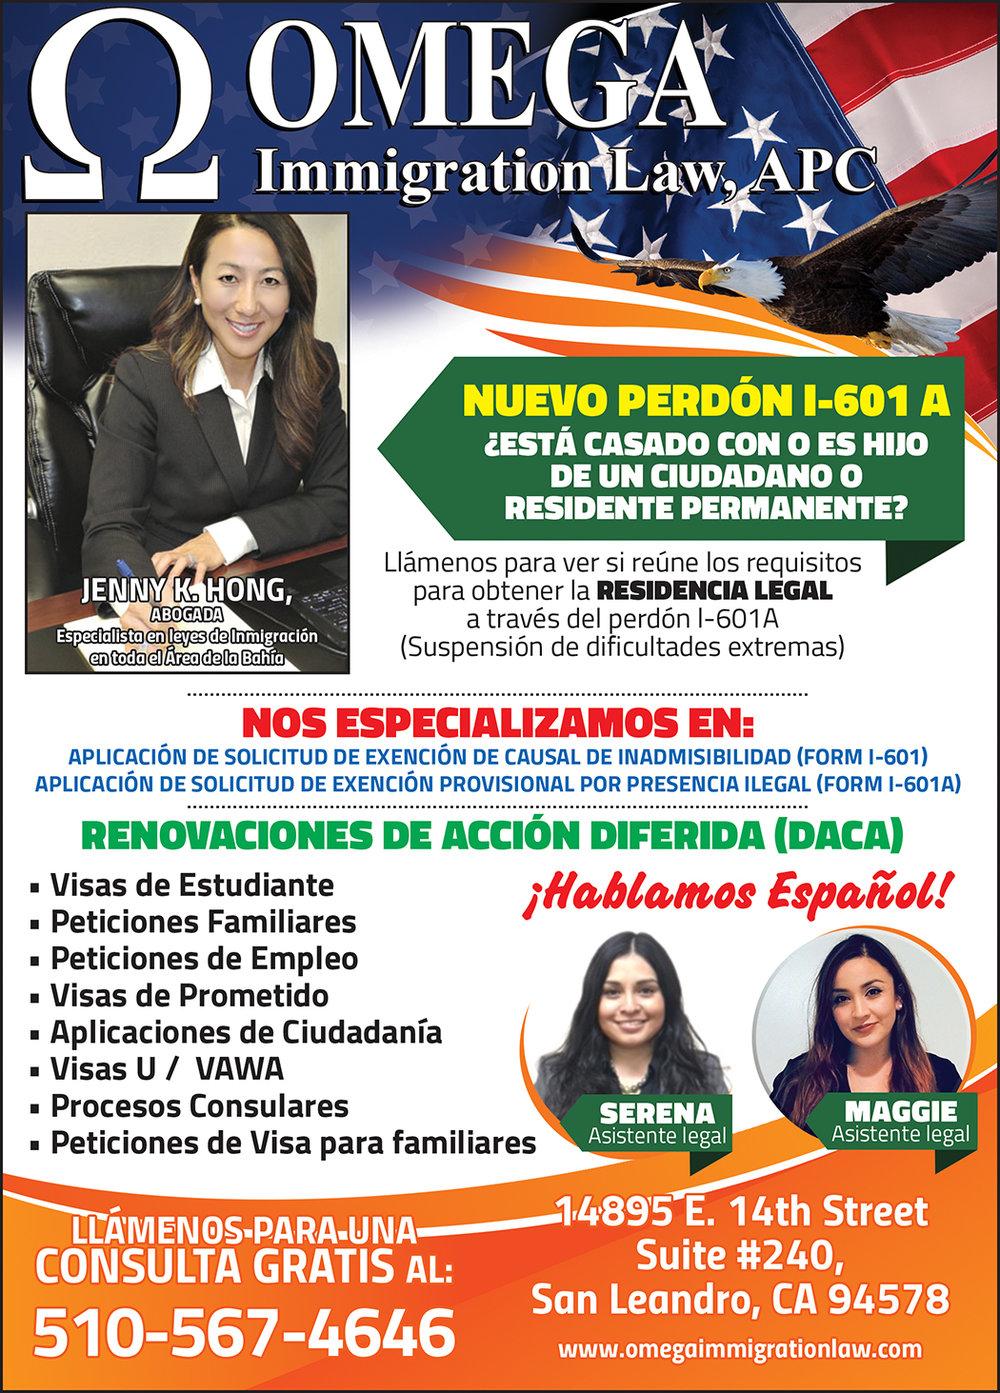 Omega Immigration Law APC 1 pag DICIEMBRE 2018.jpg